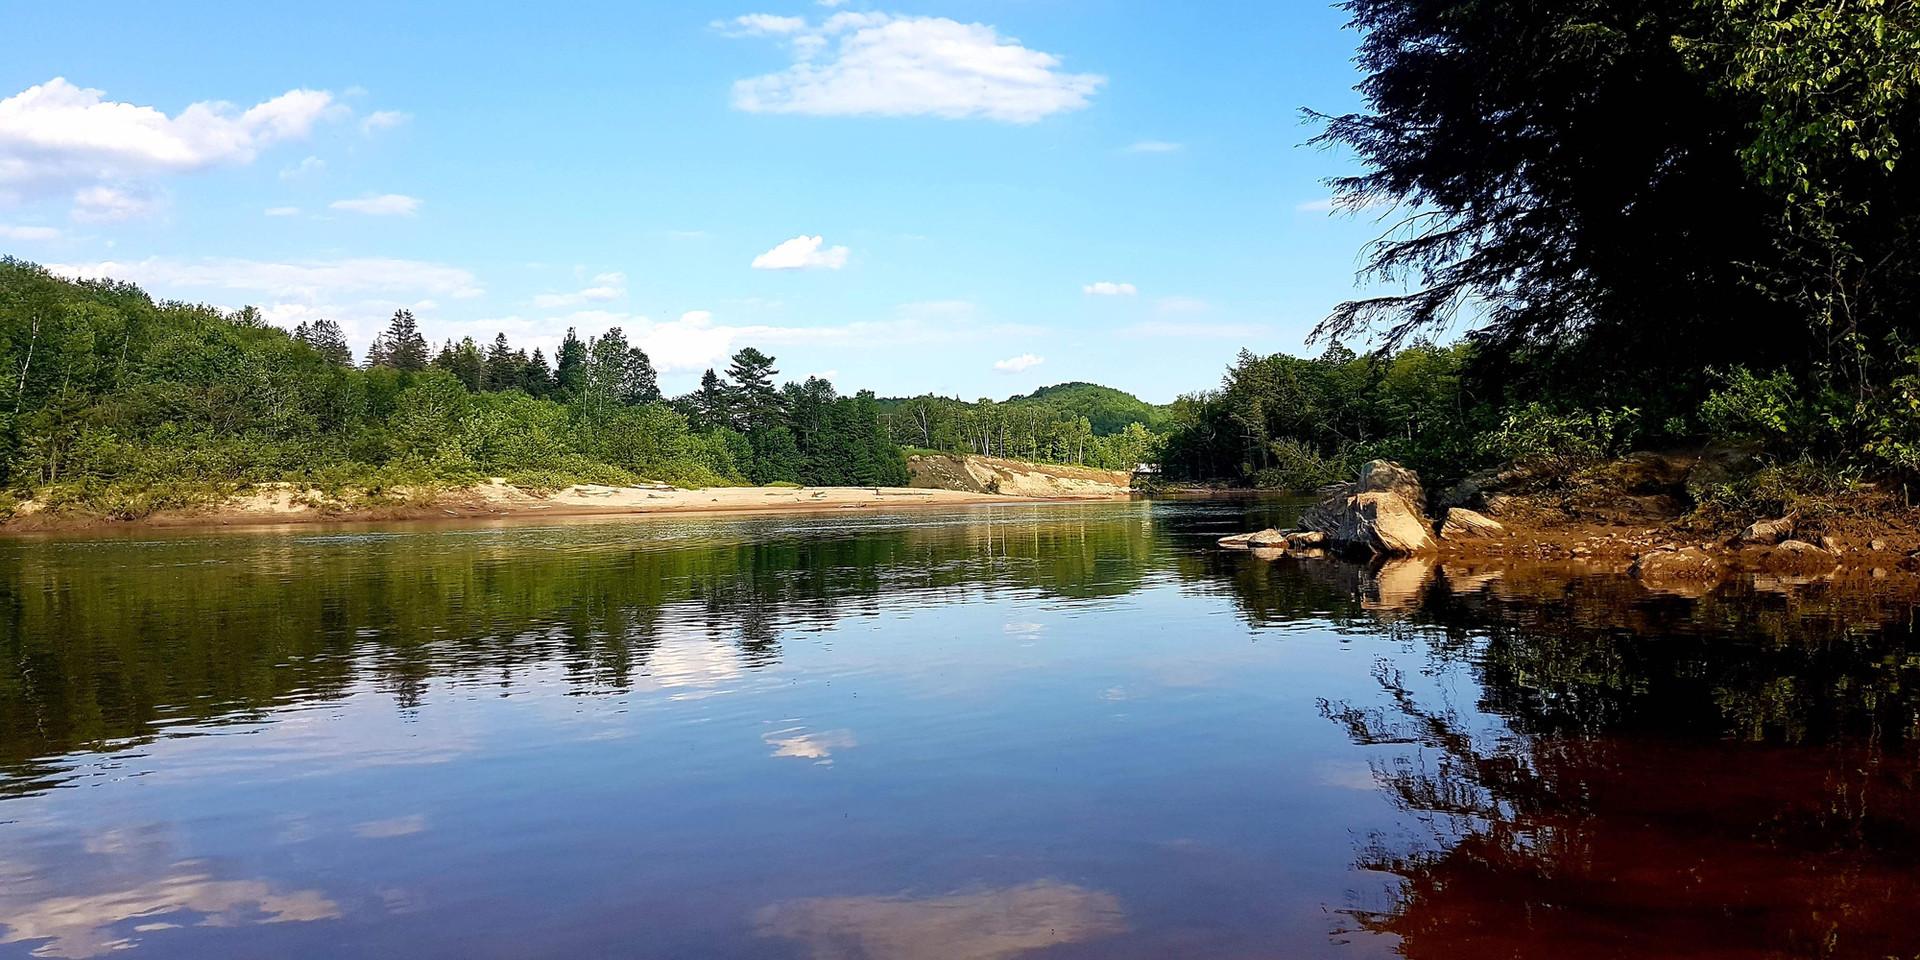 rivière1.jpg